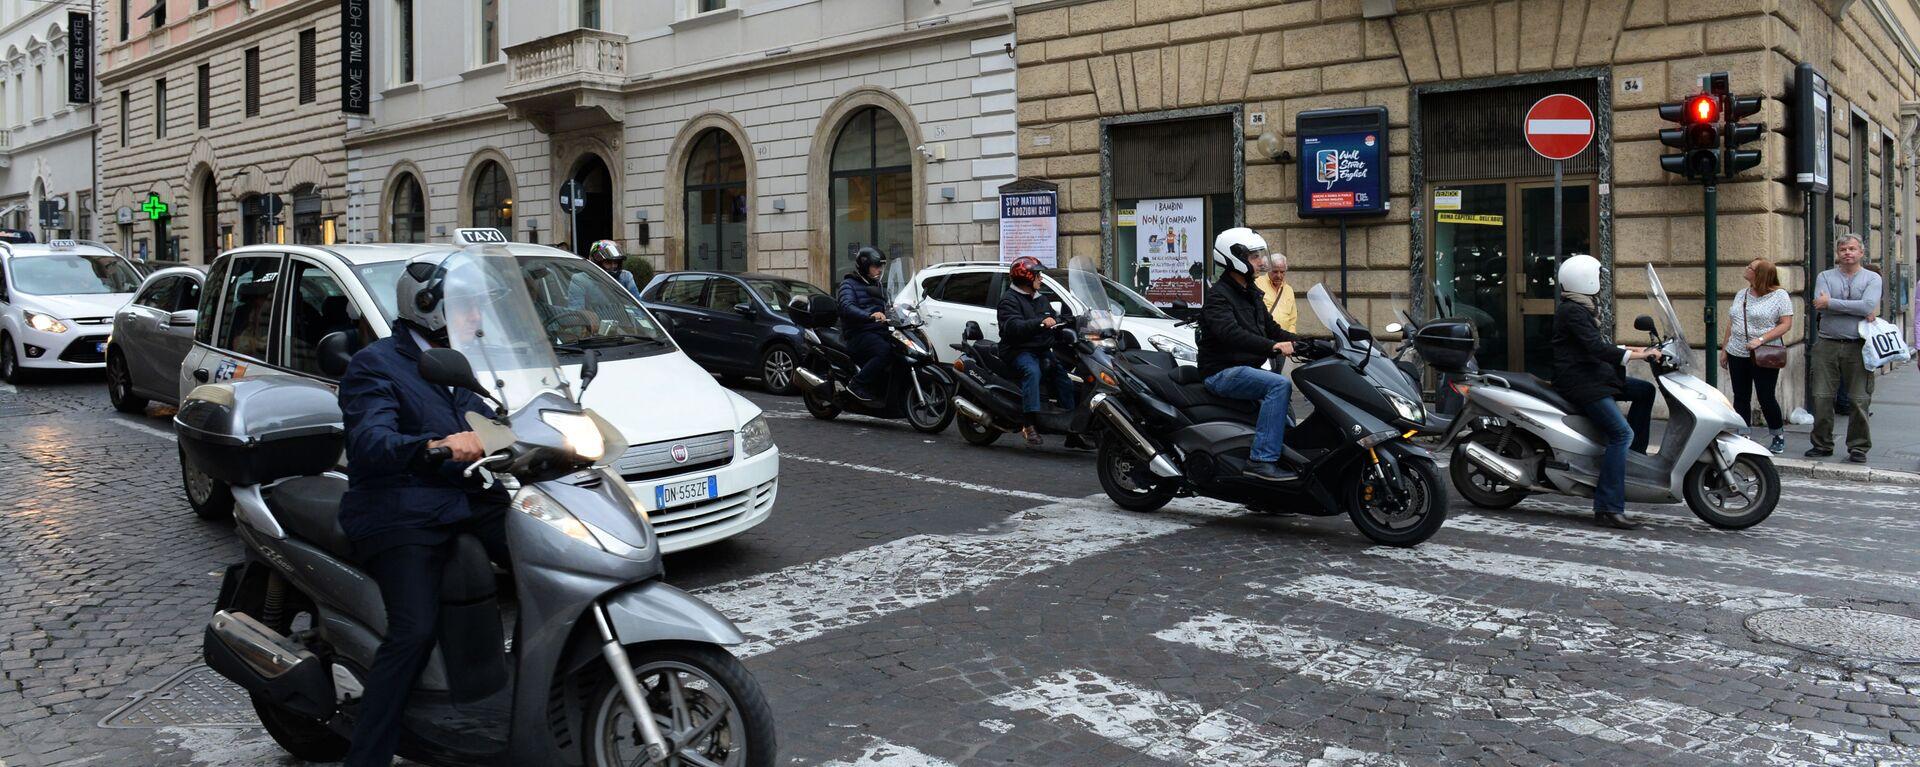 Traffico in una via di Roma - Sputnik Italia, 1920, 05.05.2021